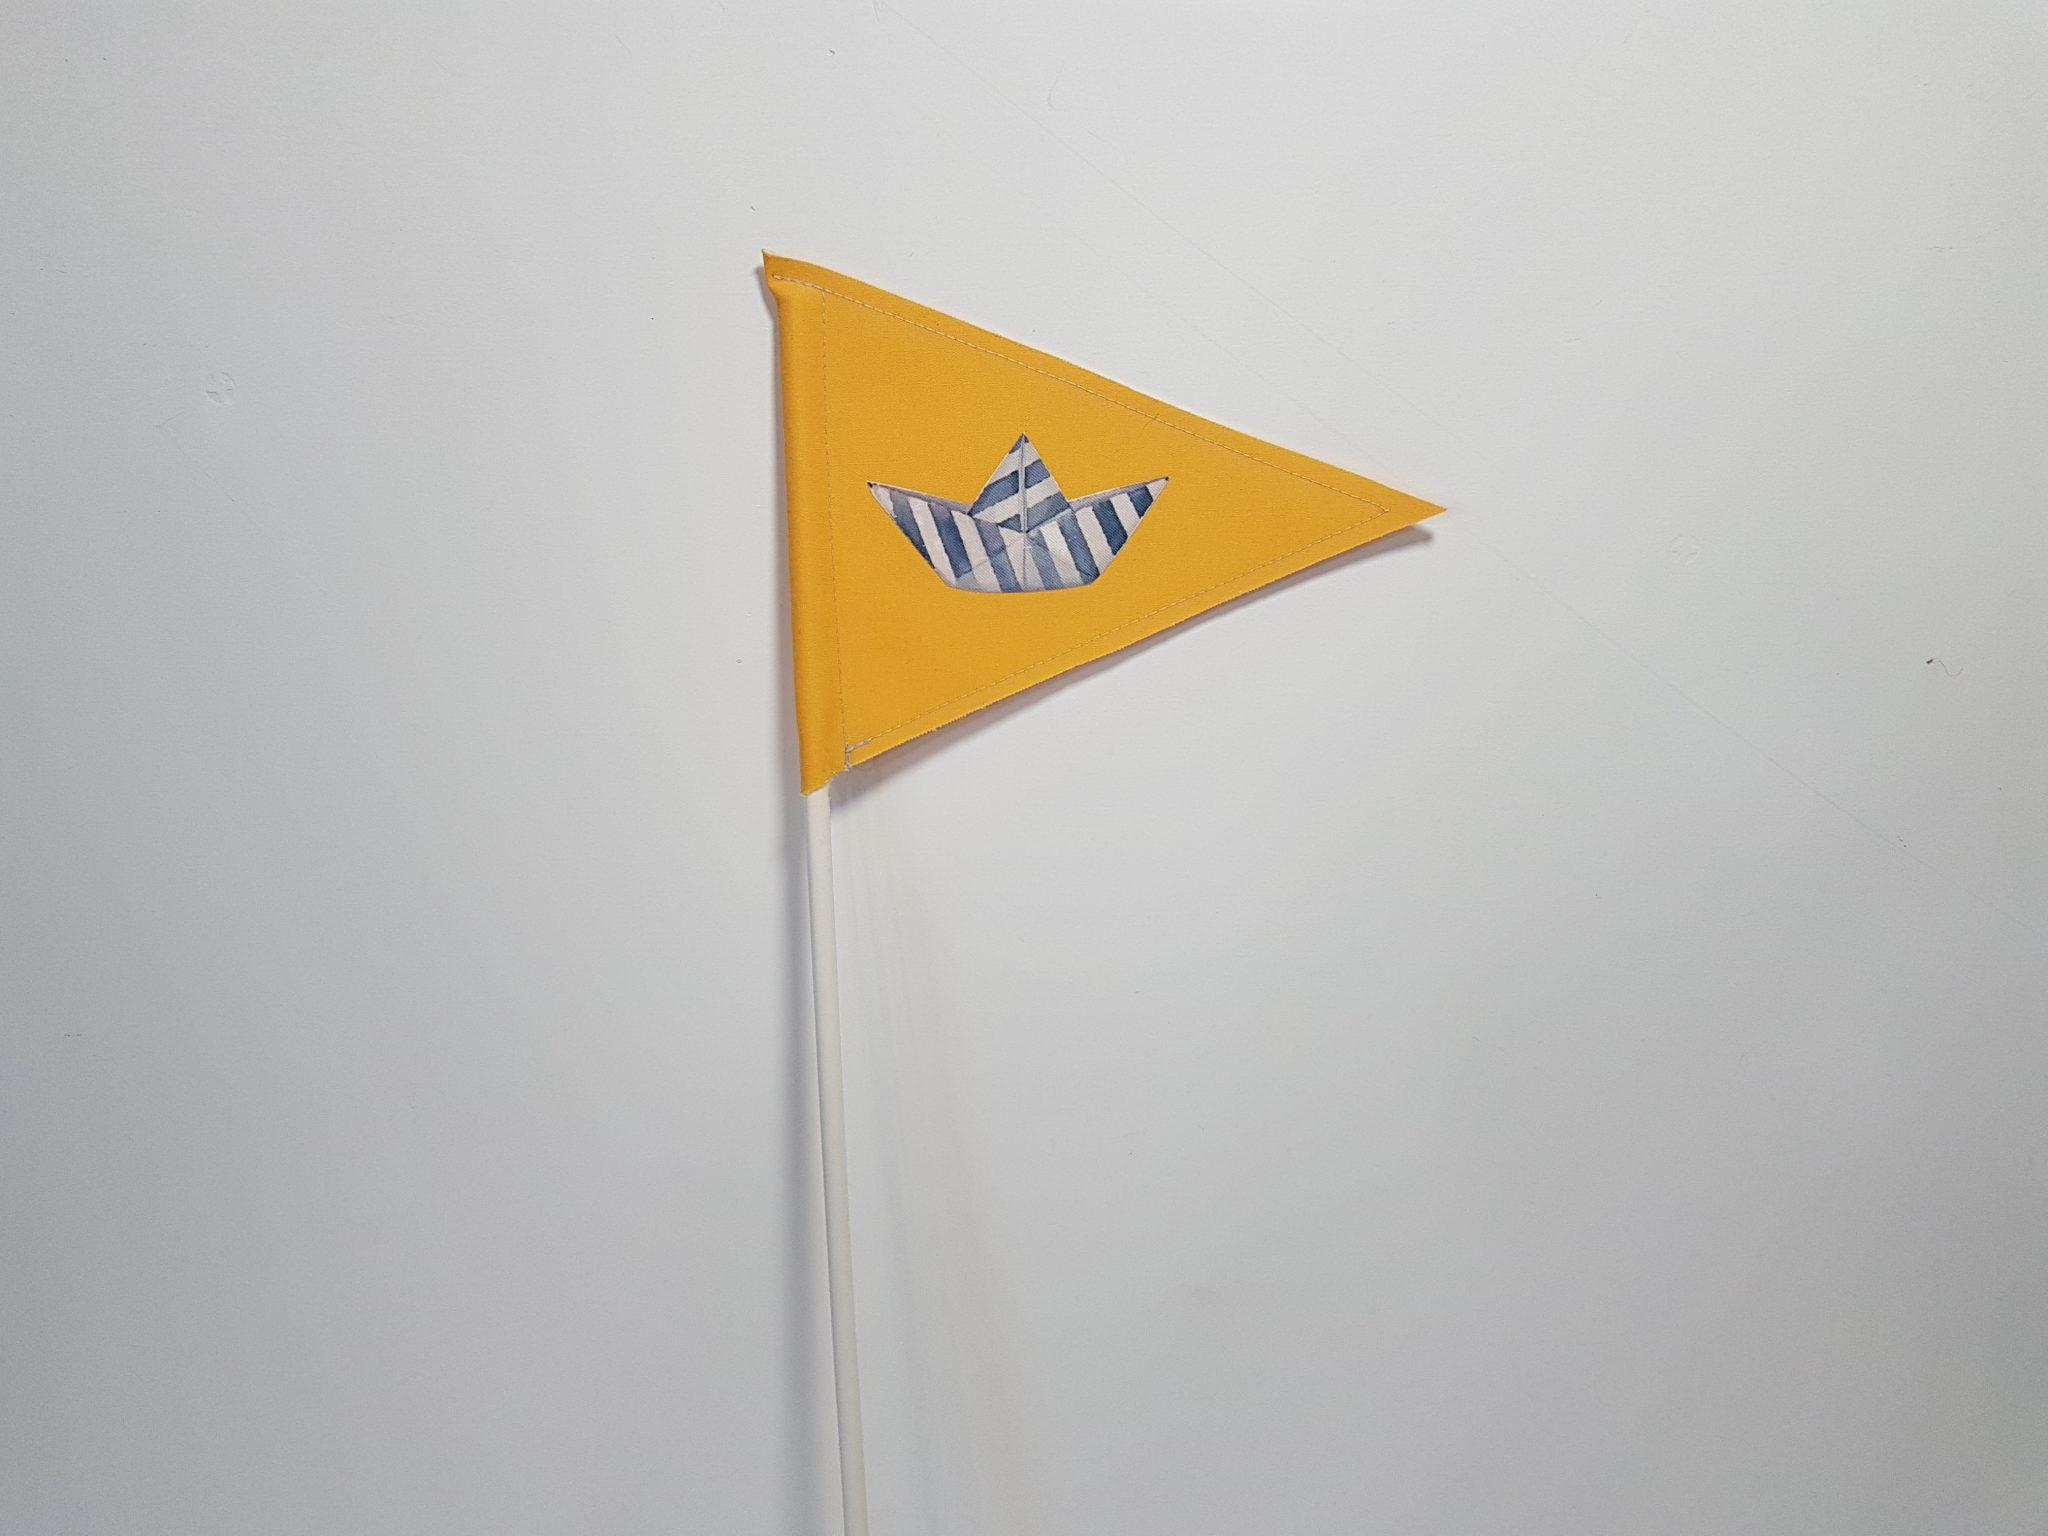 Σημαιάκι με απλικέ καραβάκι σε στικ για διακόσμηση.